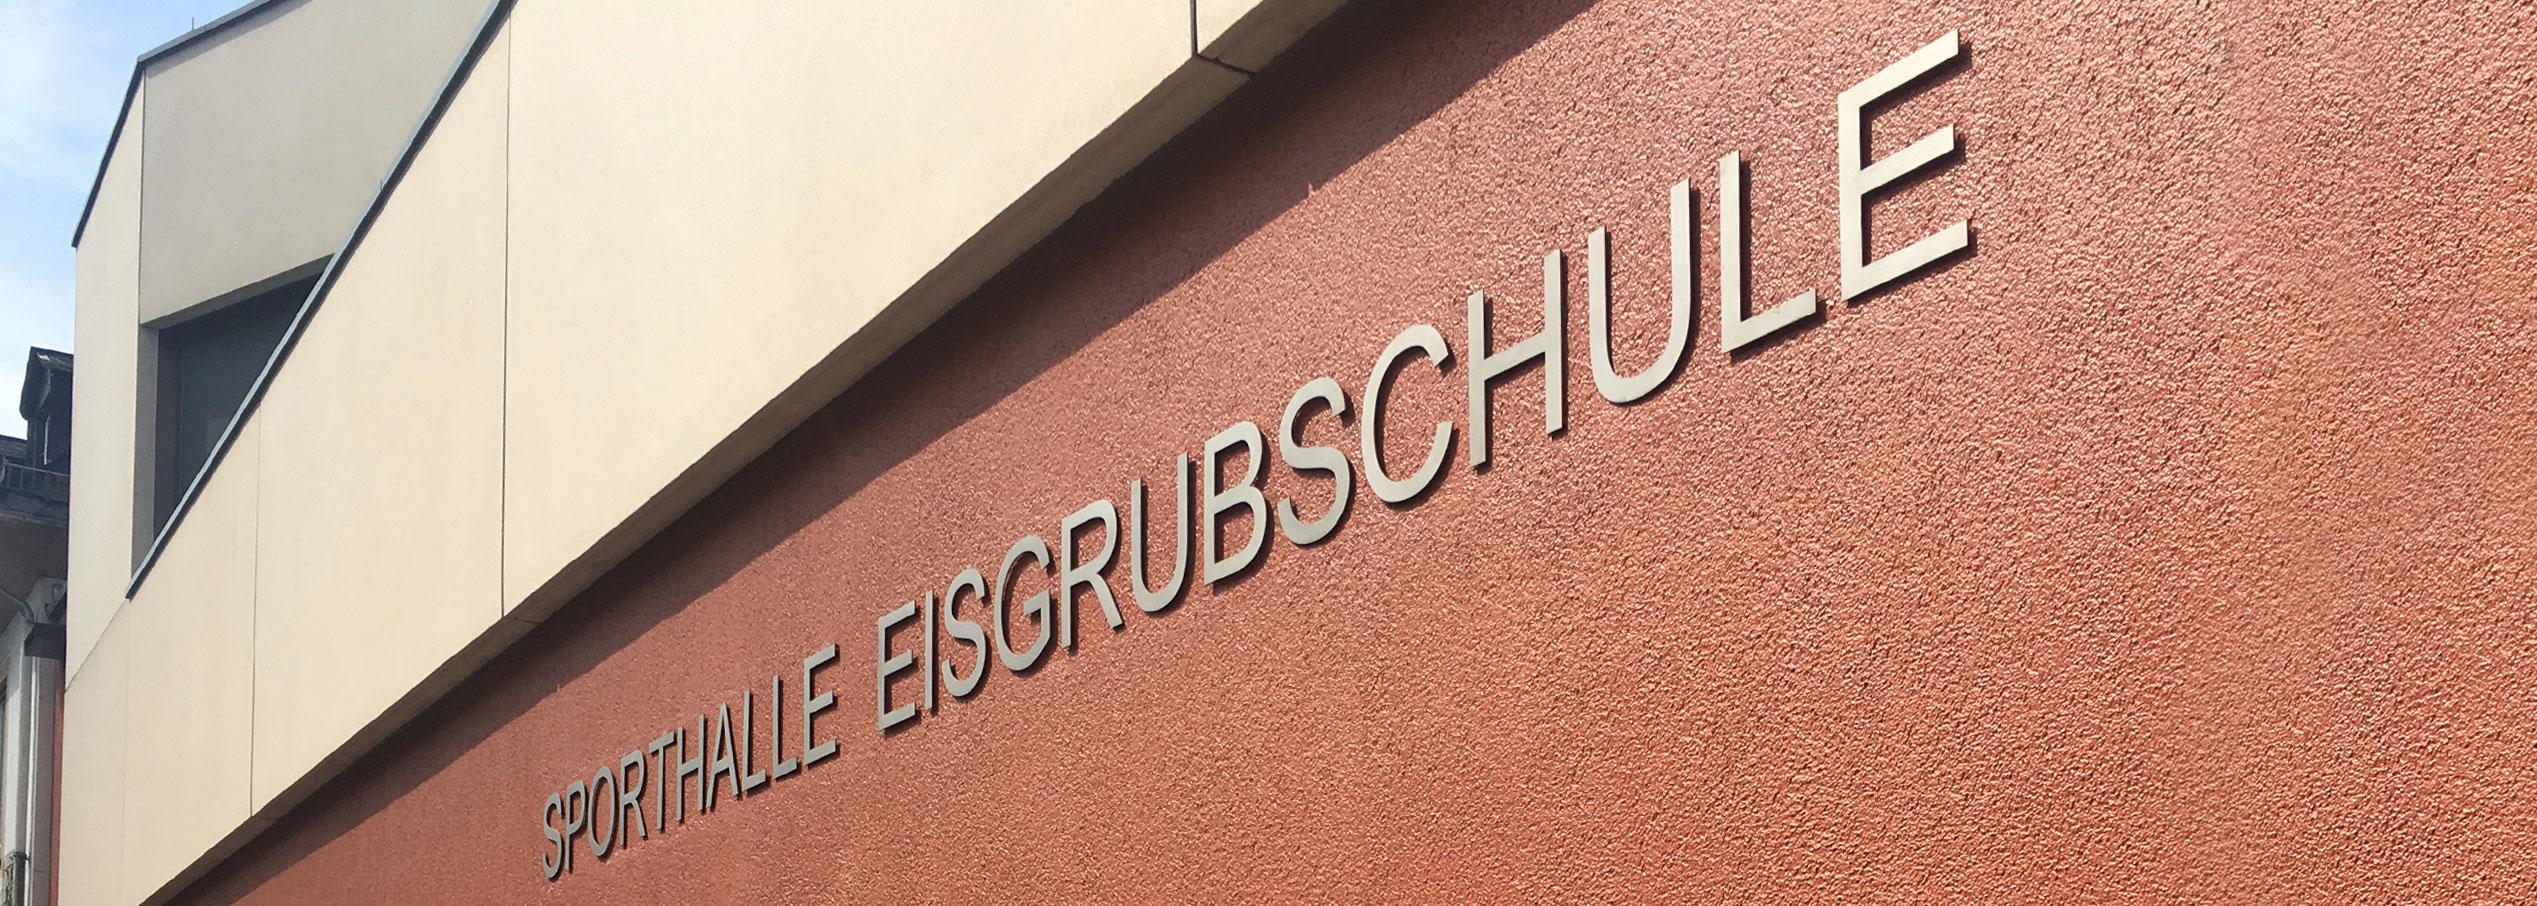 Turnhalle der Eisgrubschule Mainz